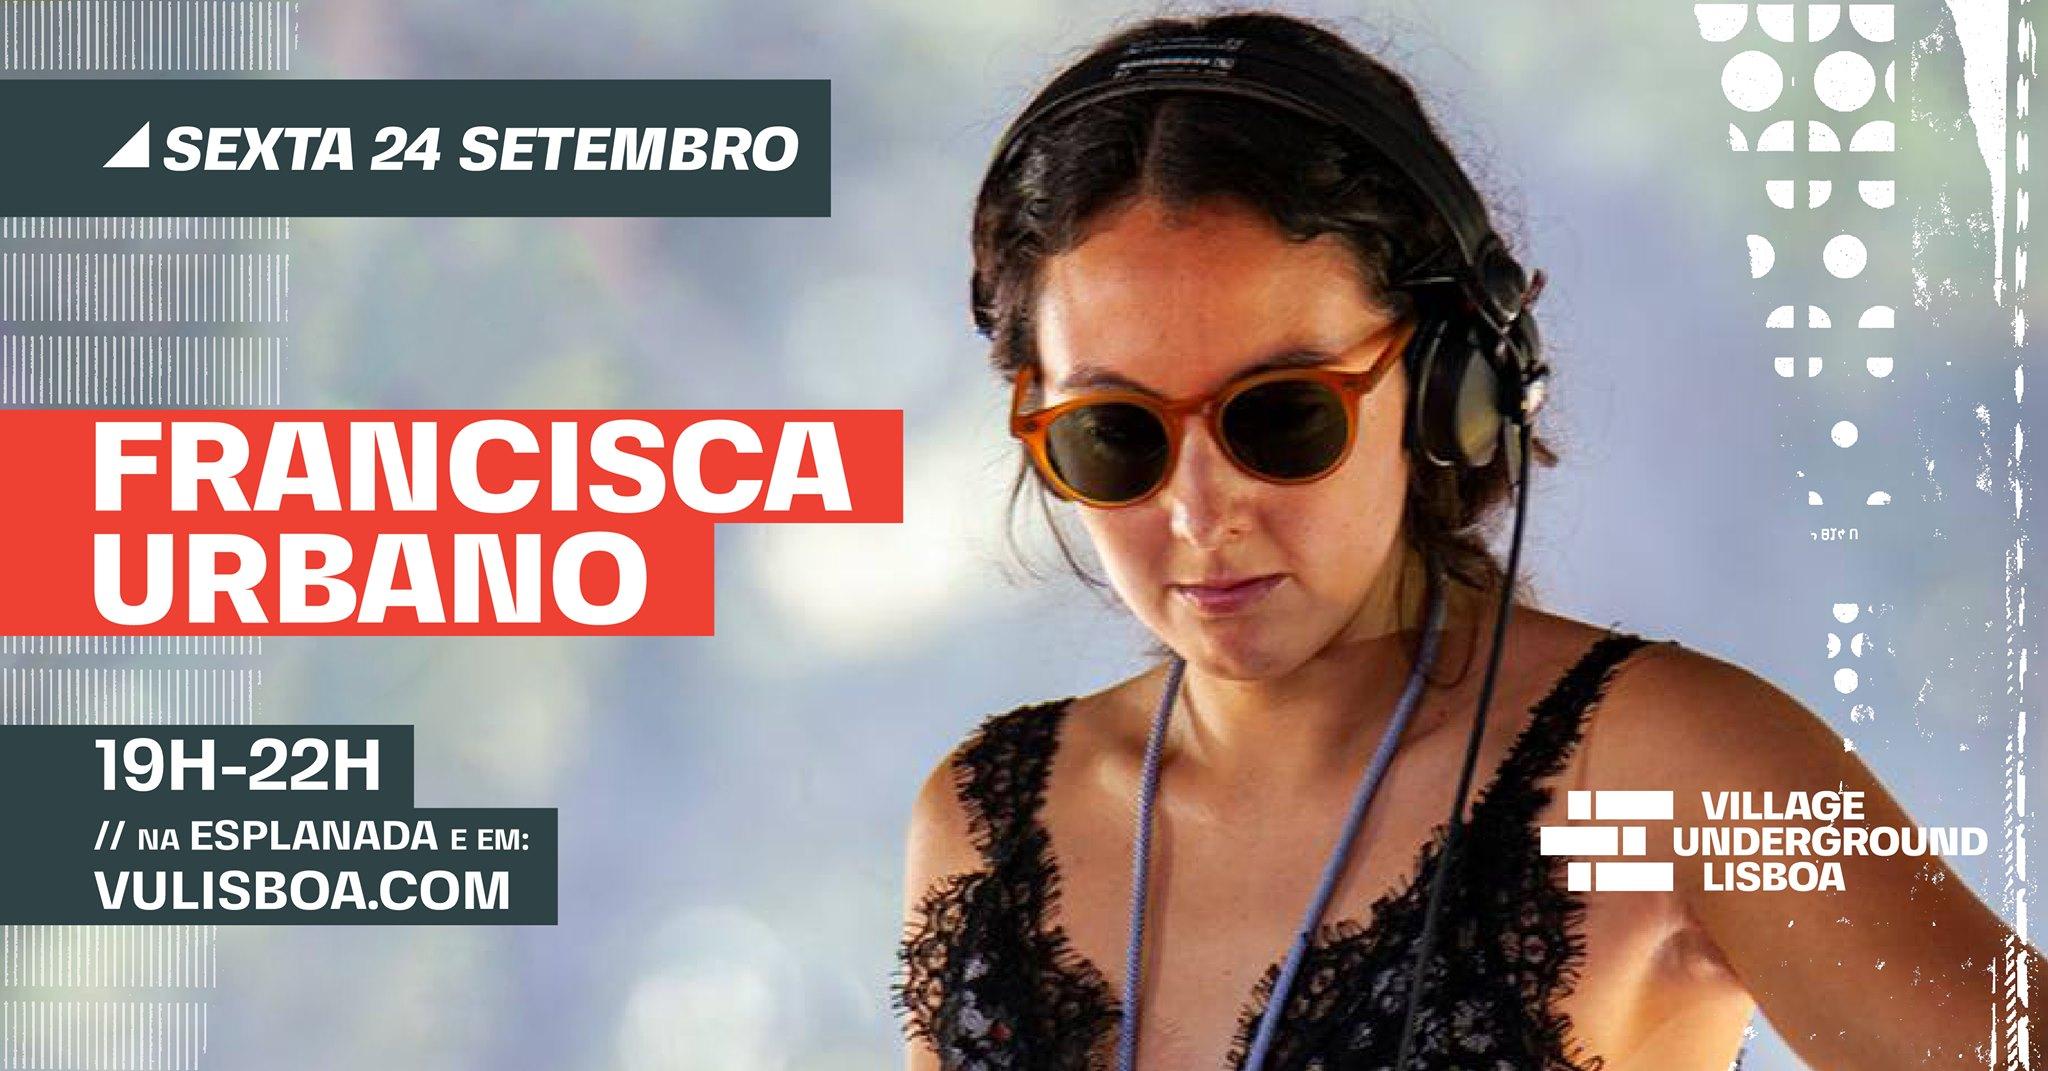 24 Setembro - Francisca Urbano // esplanada